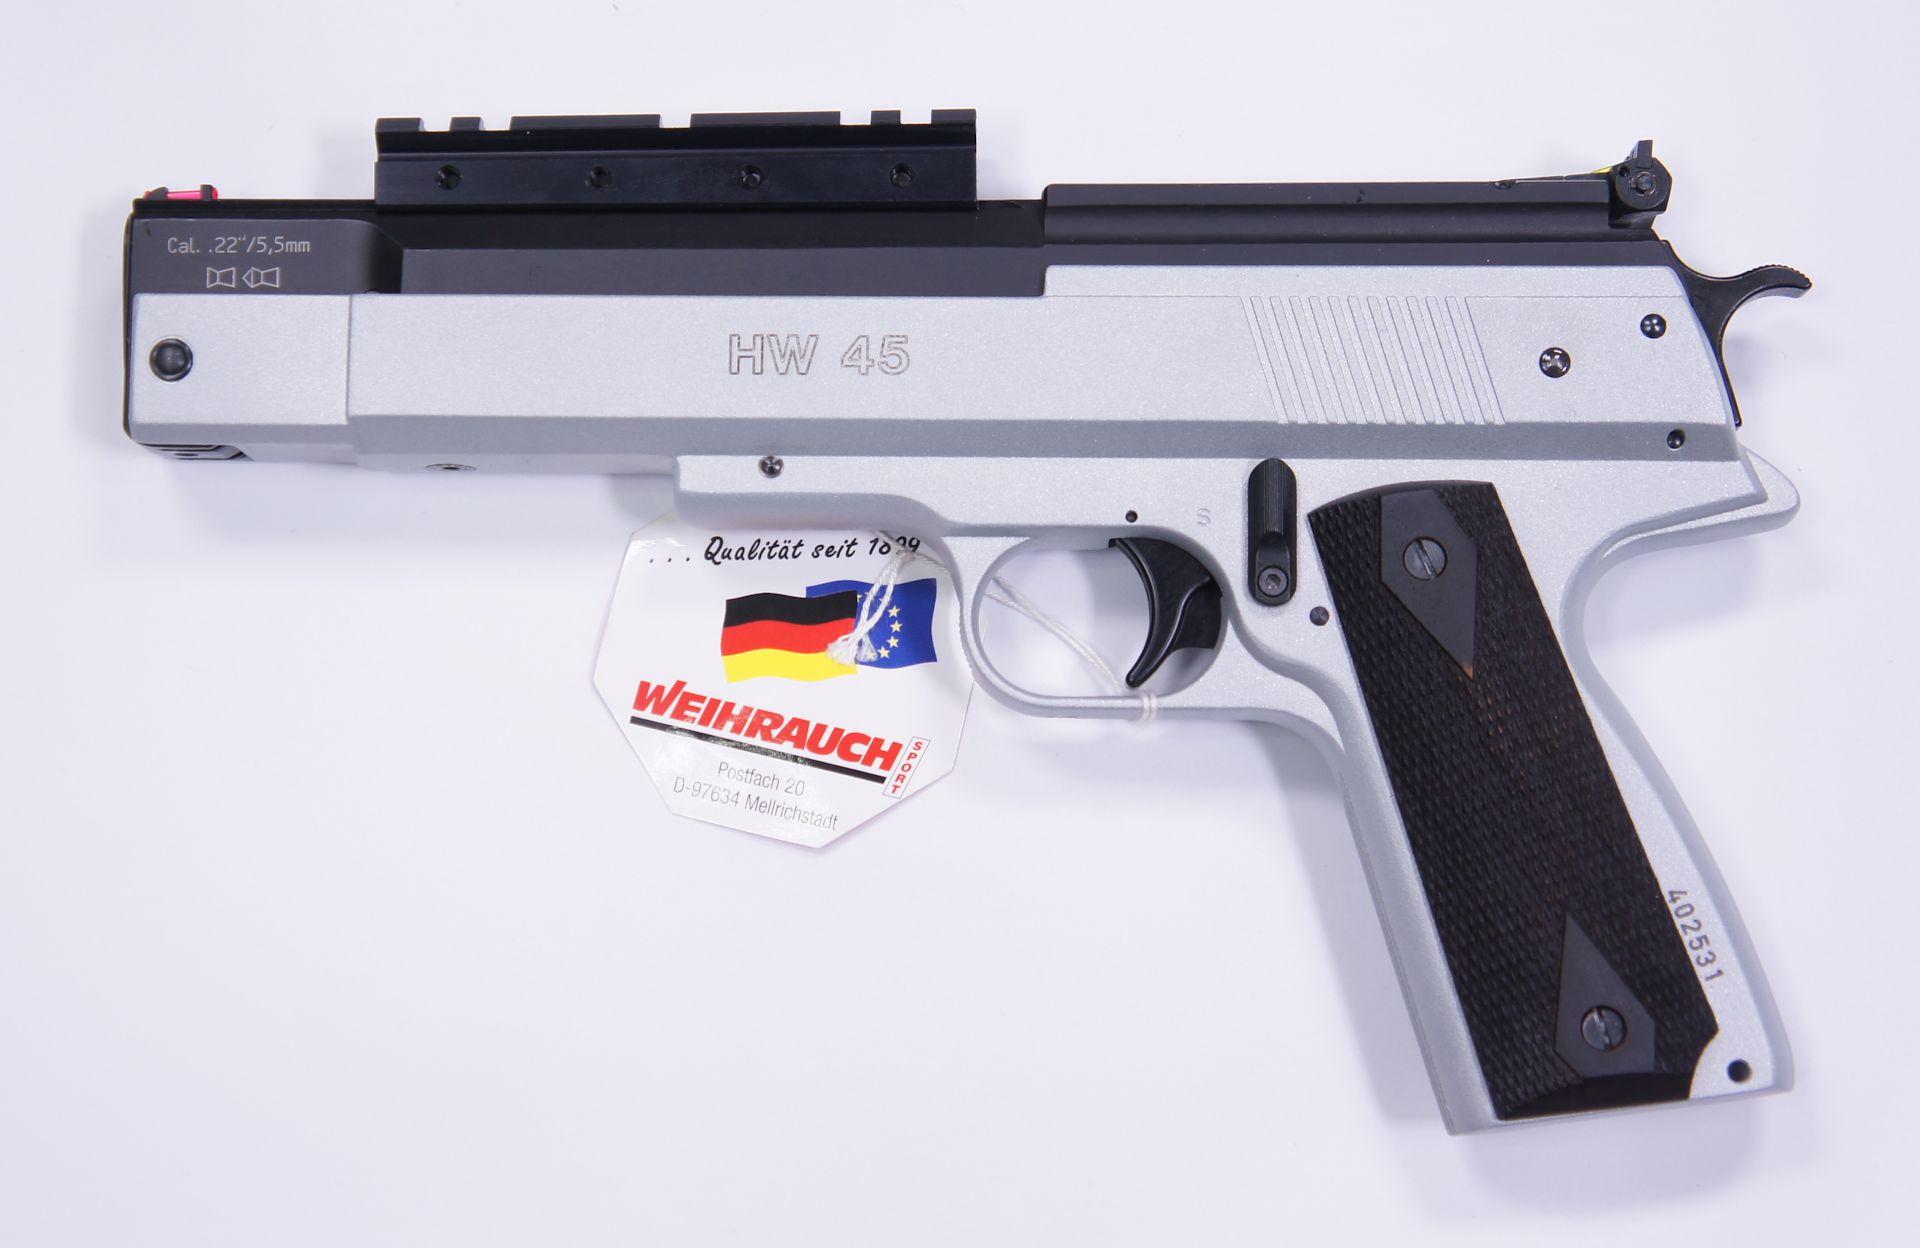 Montagebeispiel der angebotenen Montageschiene an einer standardmäßgen Luftpistole HW 45